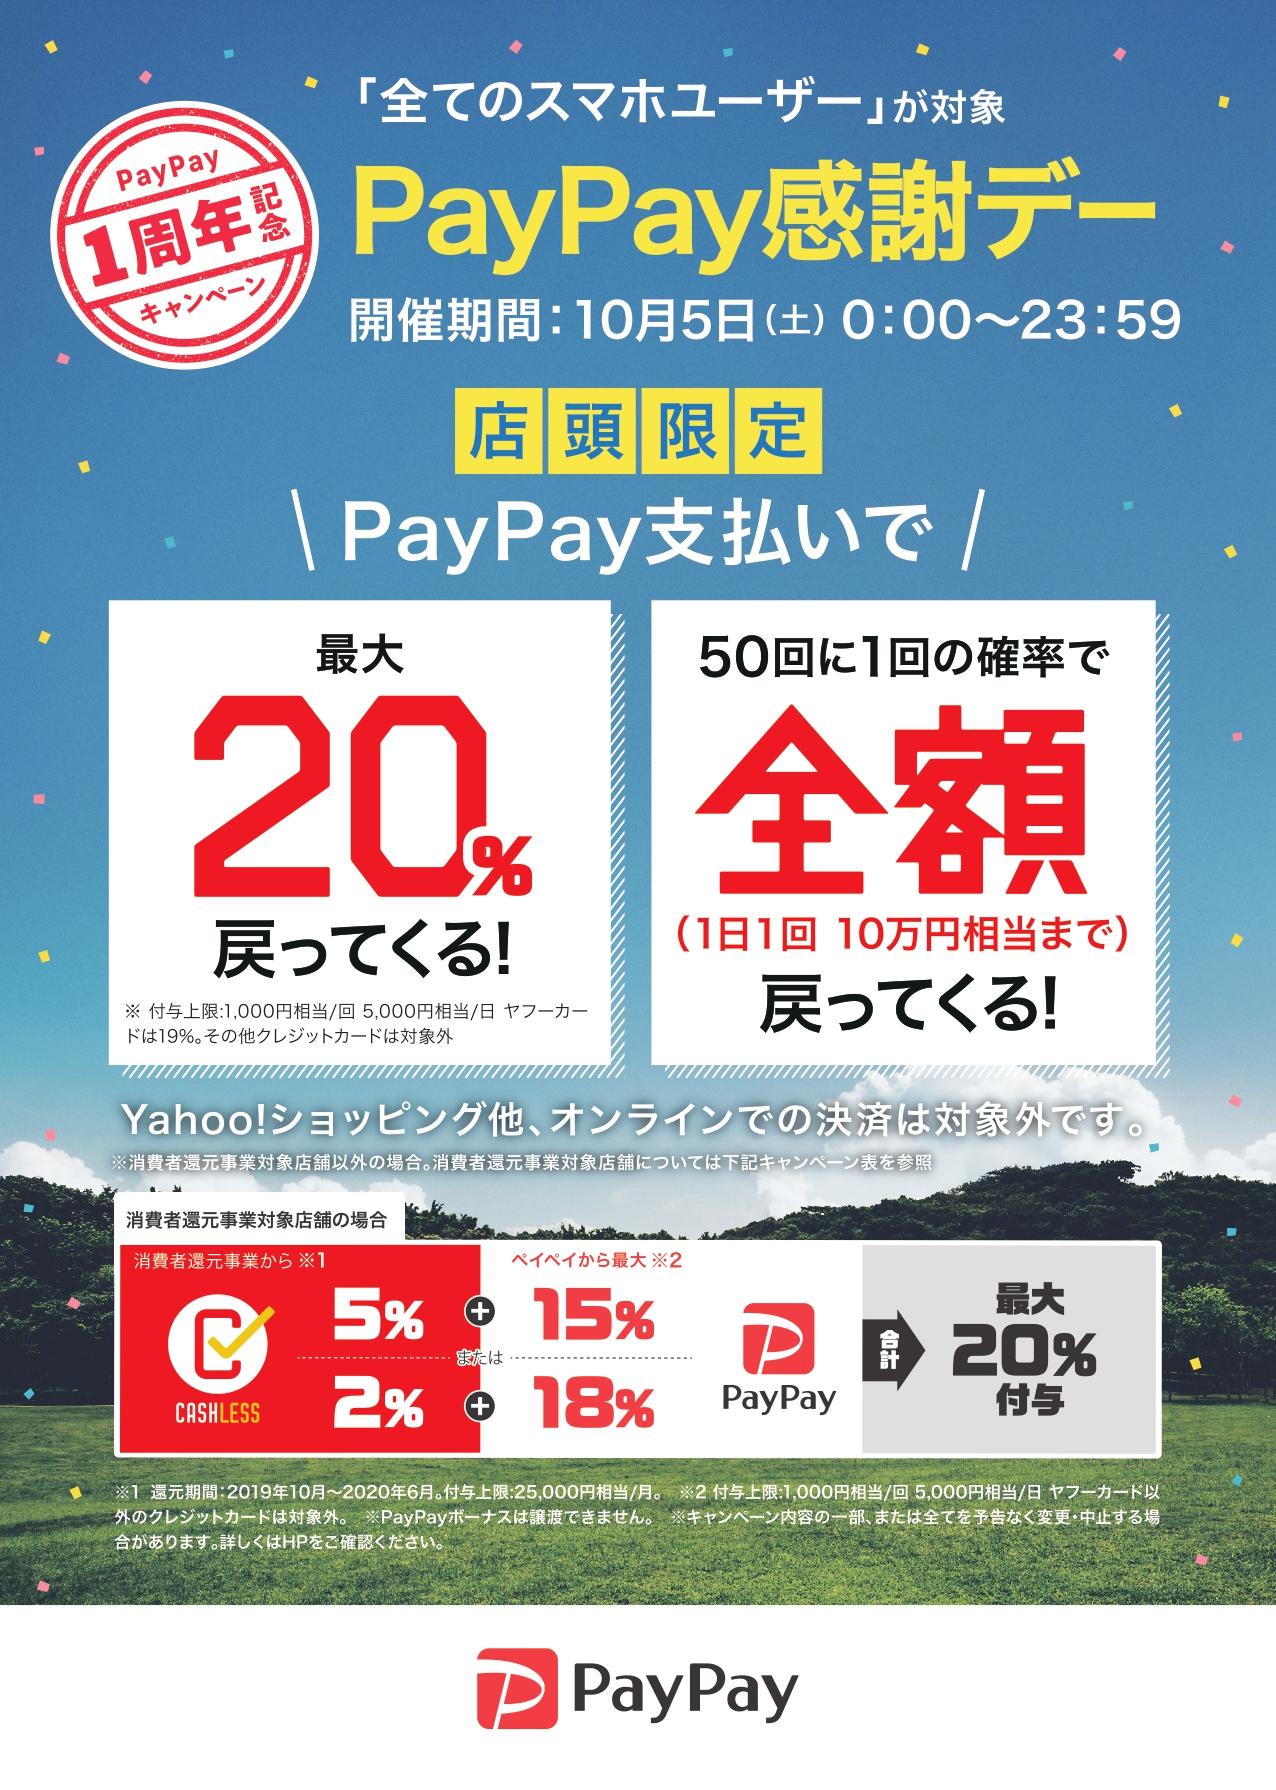 10/5はPaypay感謝デー!なんと最大20%還元&全額バッグのチャンスも!